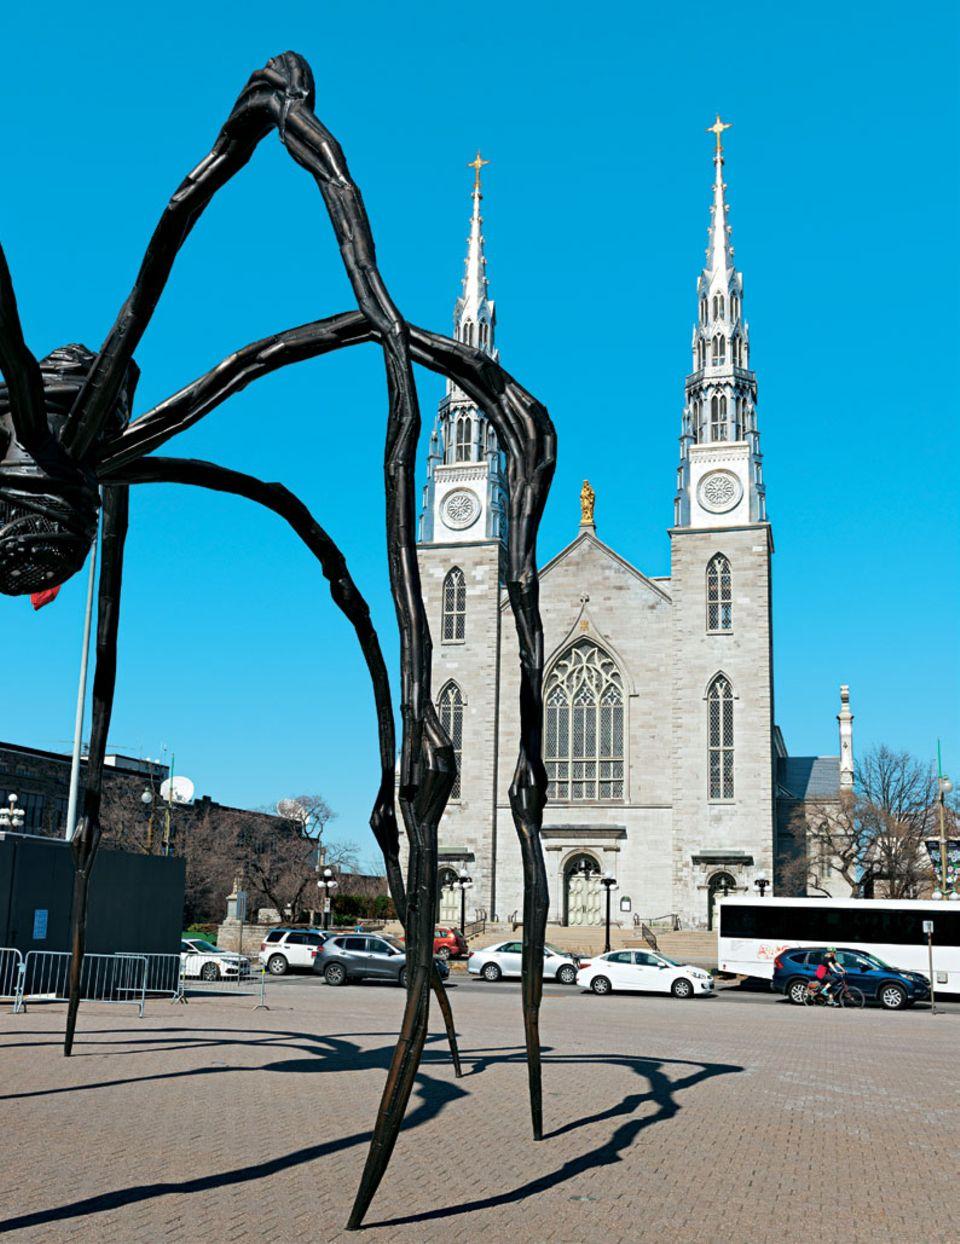 Radreise durch Kanada: Spinnenskulptur